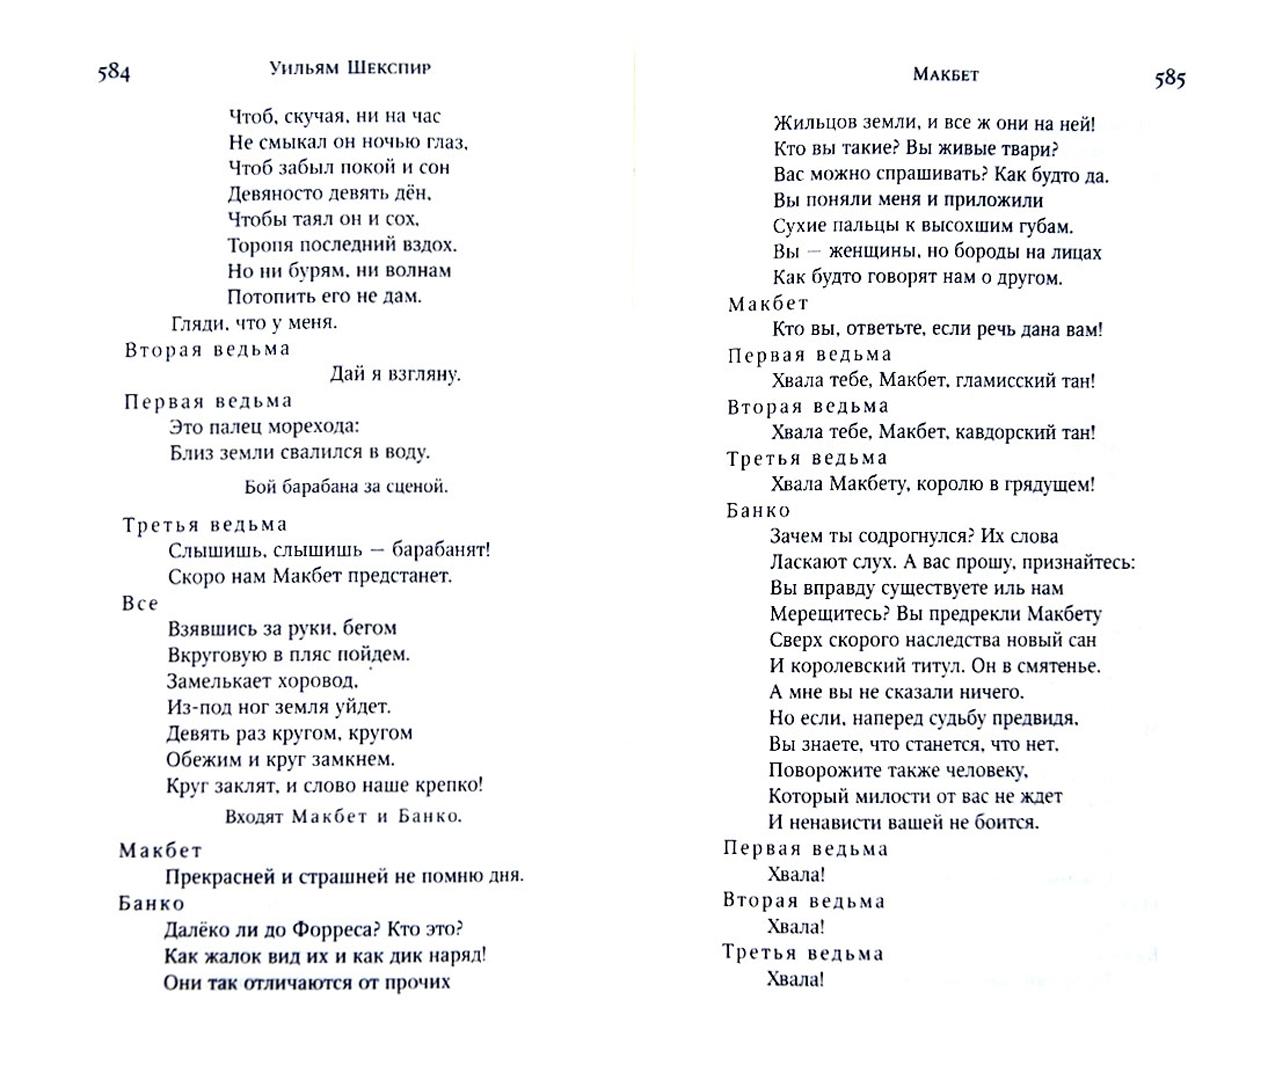 Иллюстрация 1 из 22 для Ромео и Джульетта. Гамлет. Трагедии - Уильям Шекспир | Лабиринт - книги. Источник: Лабиринт